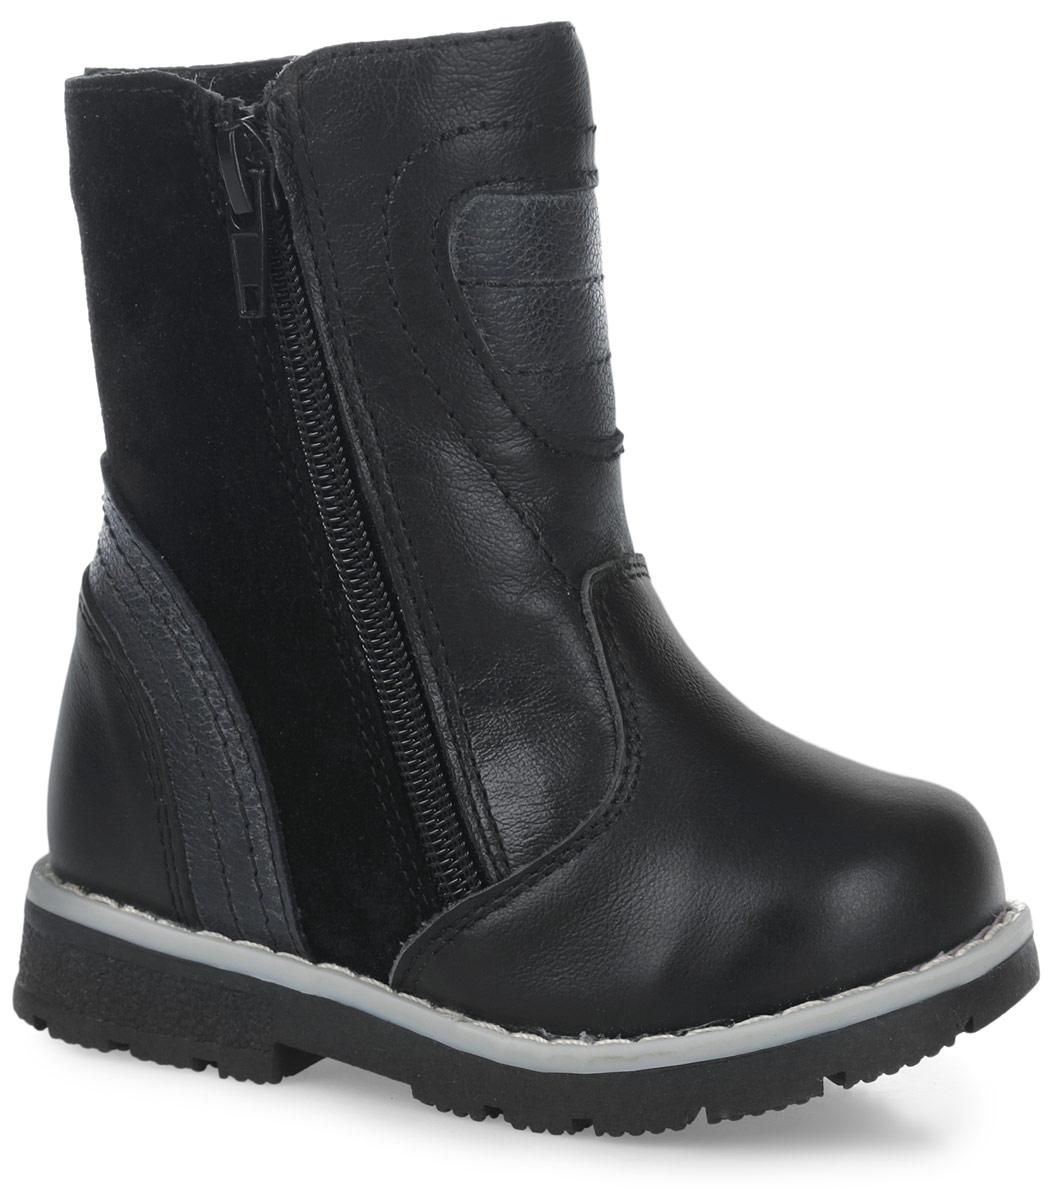 11193-1Теплые полусапоги от Зебра выполнены из натуральной кожи в сочетании с натуральной замшей. Застежка-молния надежно фиксирует изделие на ноге. Мягкая подкладка и стелька из натурального меха обеспечивают тепло, циркуляцию воздуха и сохраняют комфортный микроклимат в обуви. Подошва с рифлением гарантирует идеальное сцепление с любыми поверхностями. Сбоку модель оформлена декоративной молнией.